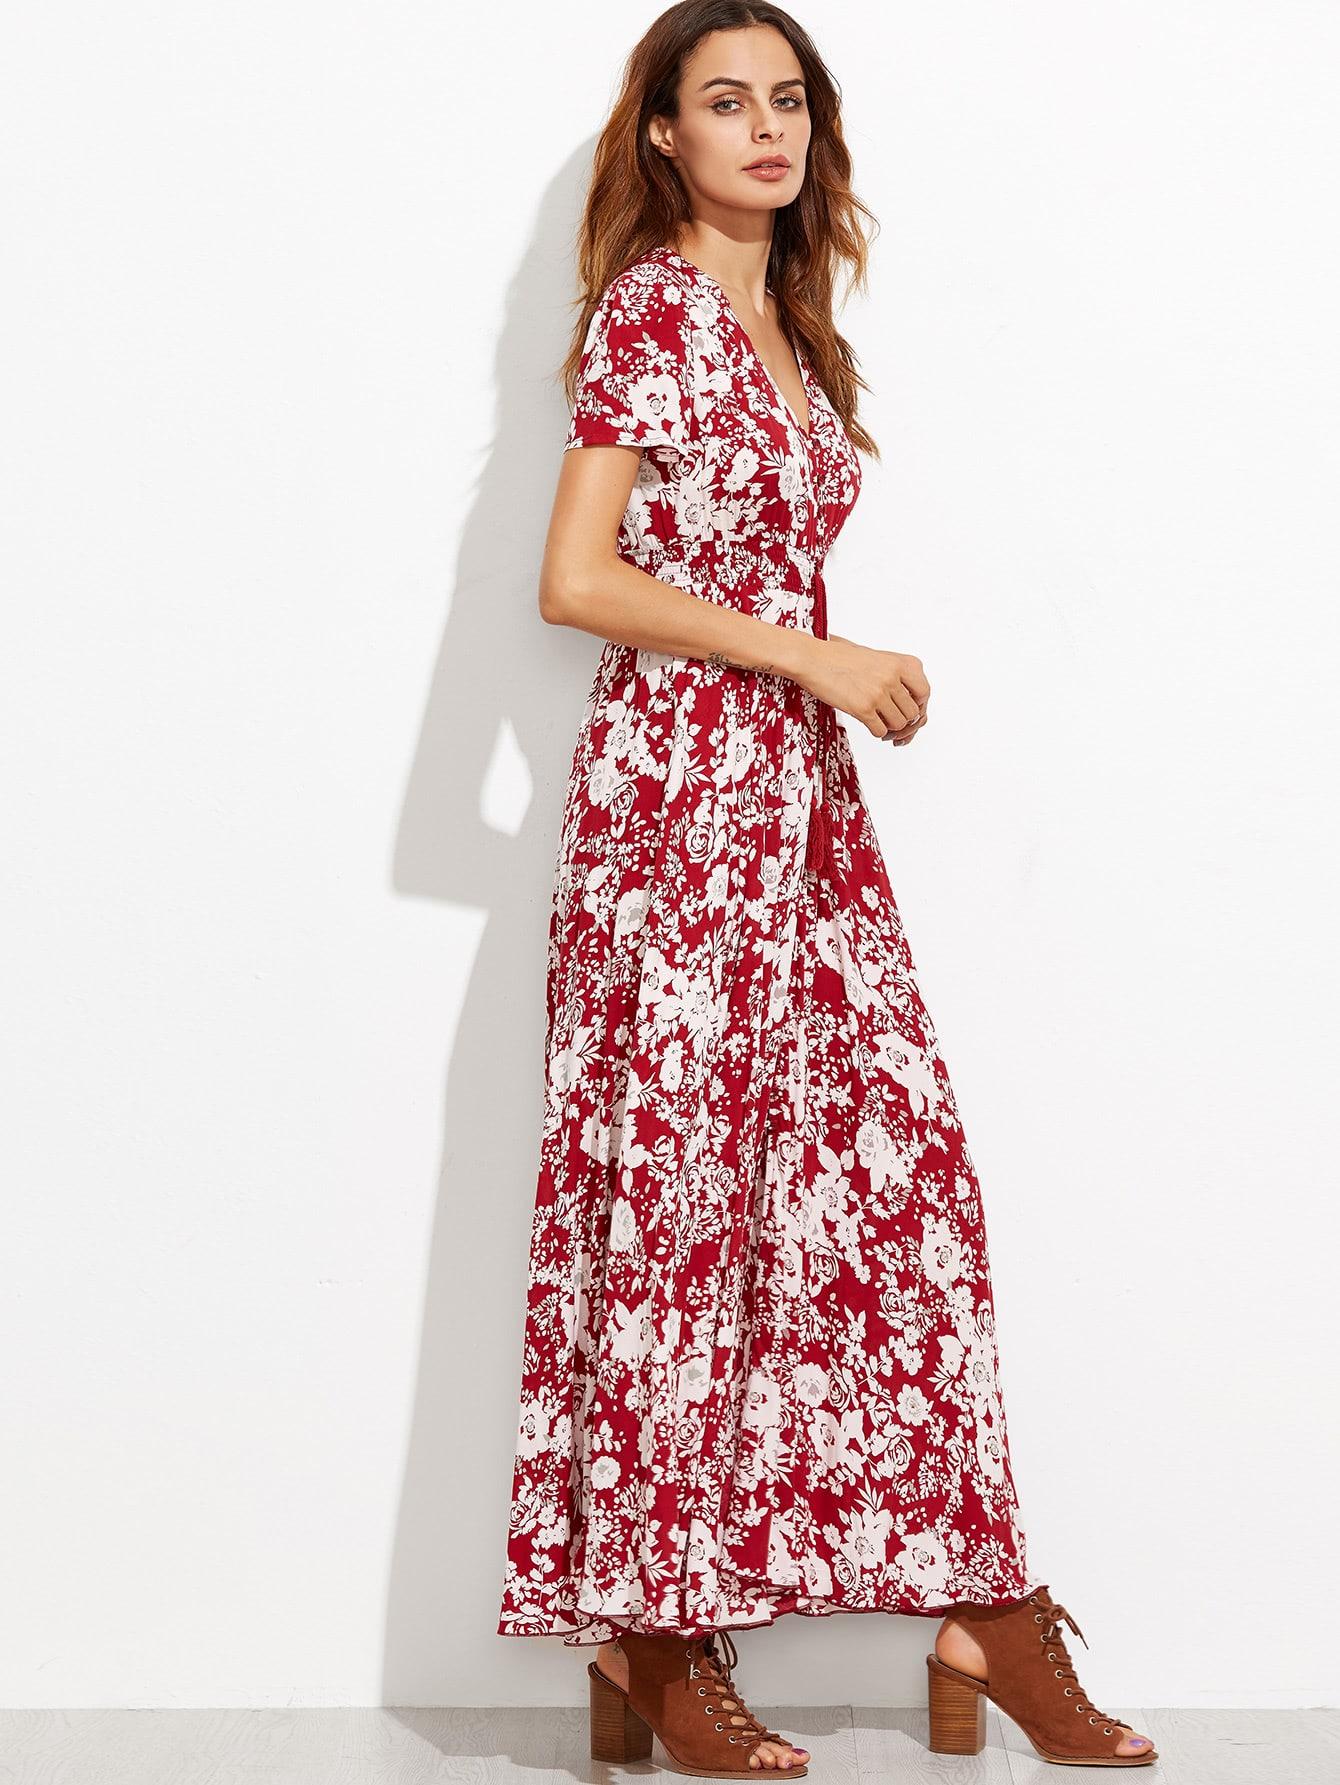 dress160902475_2